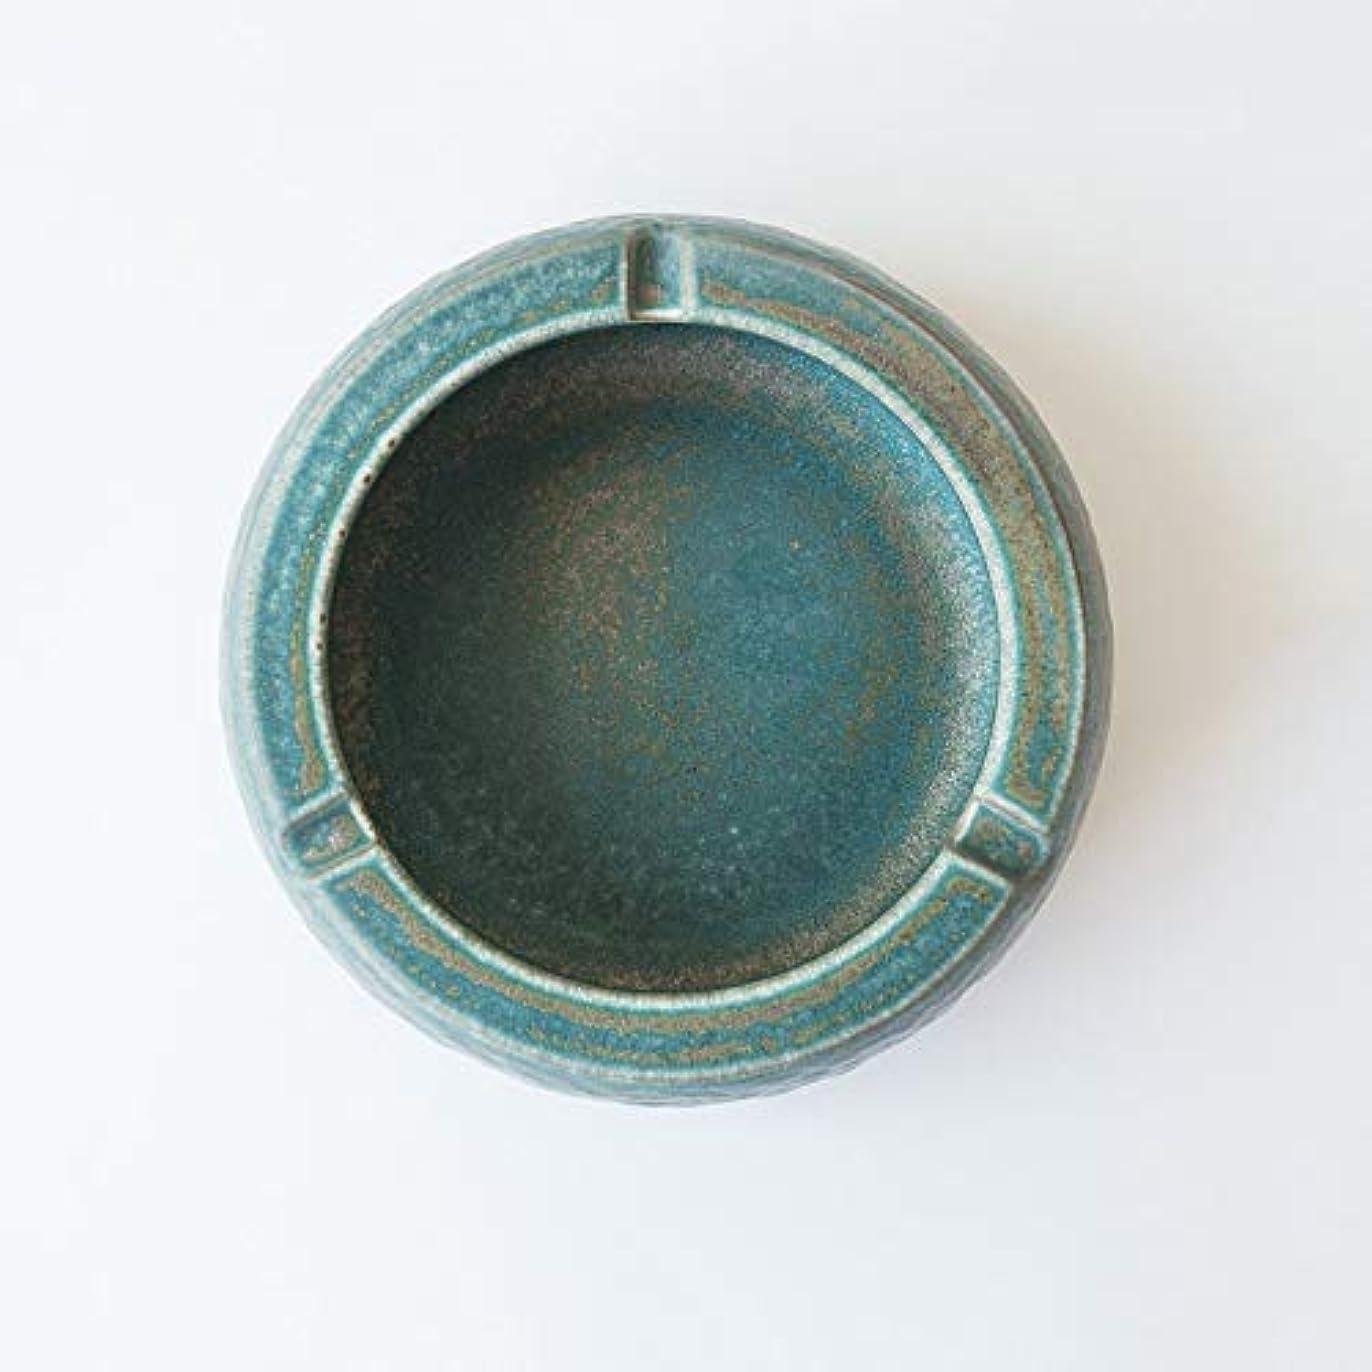 配偶者インスタントワイヤー灰皿Creative Outdoor Ceramics灰皿